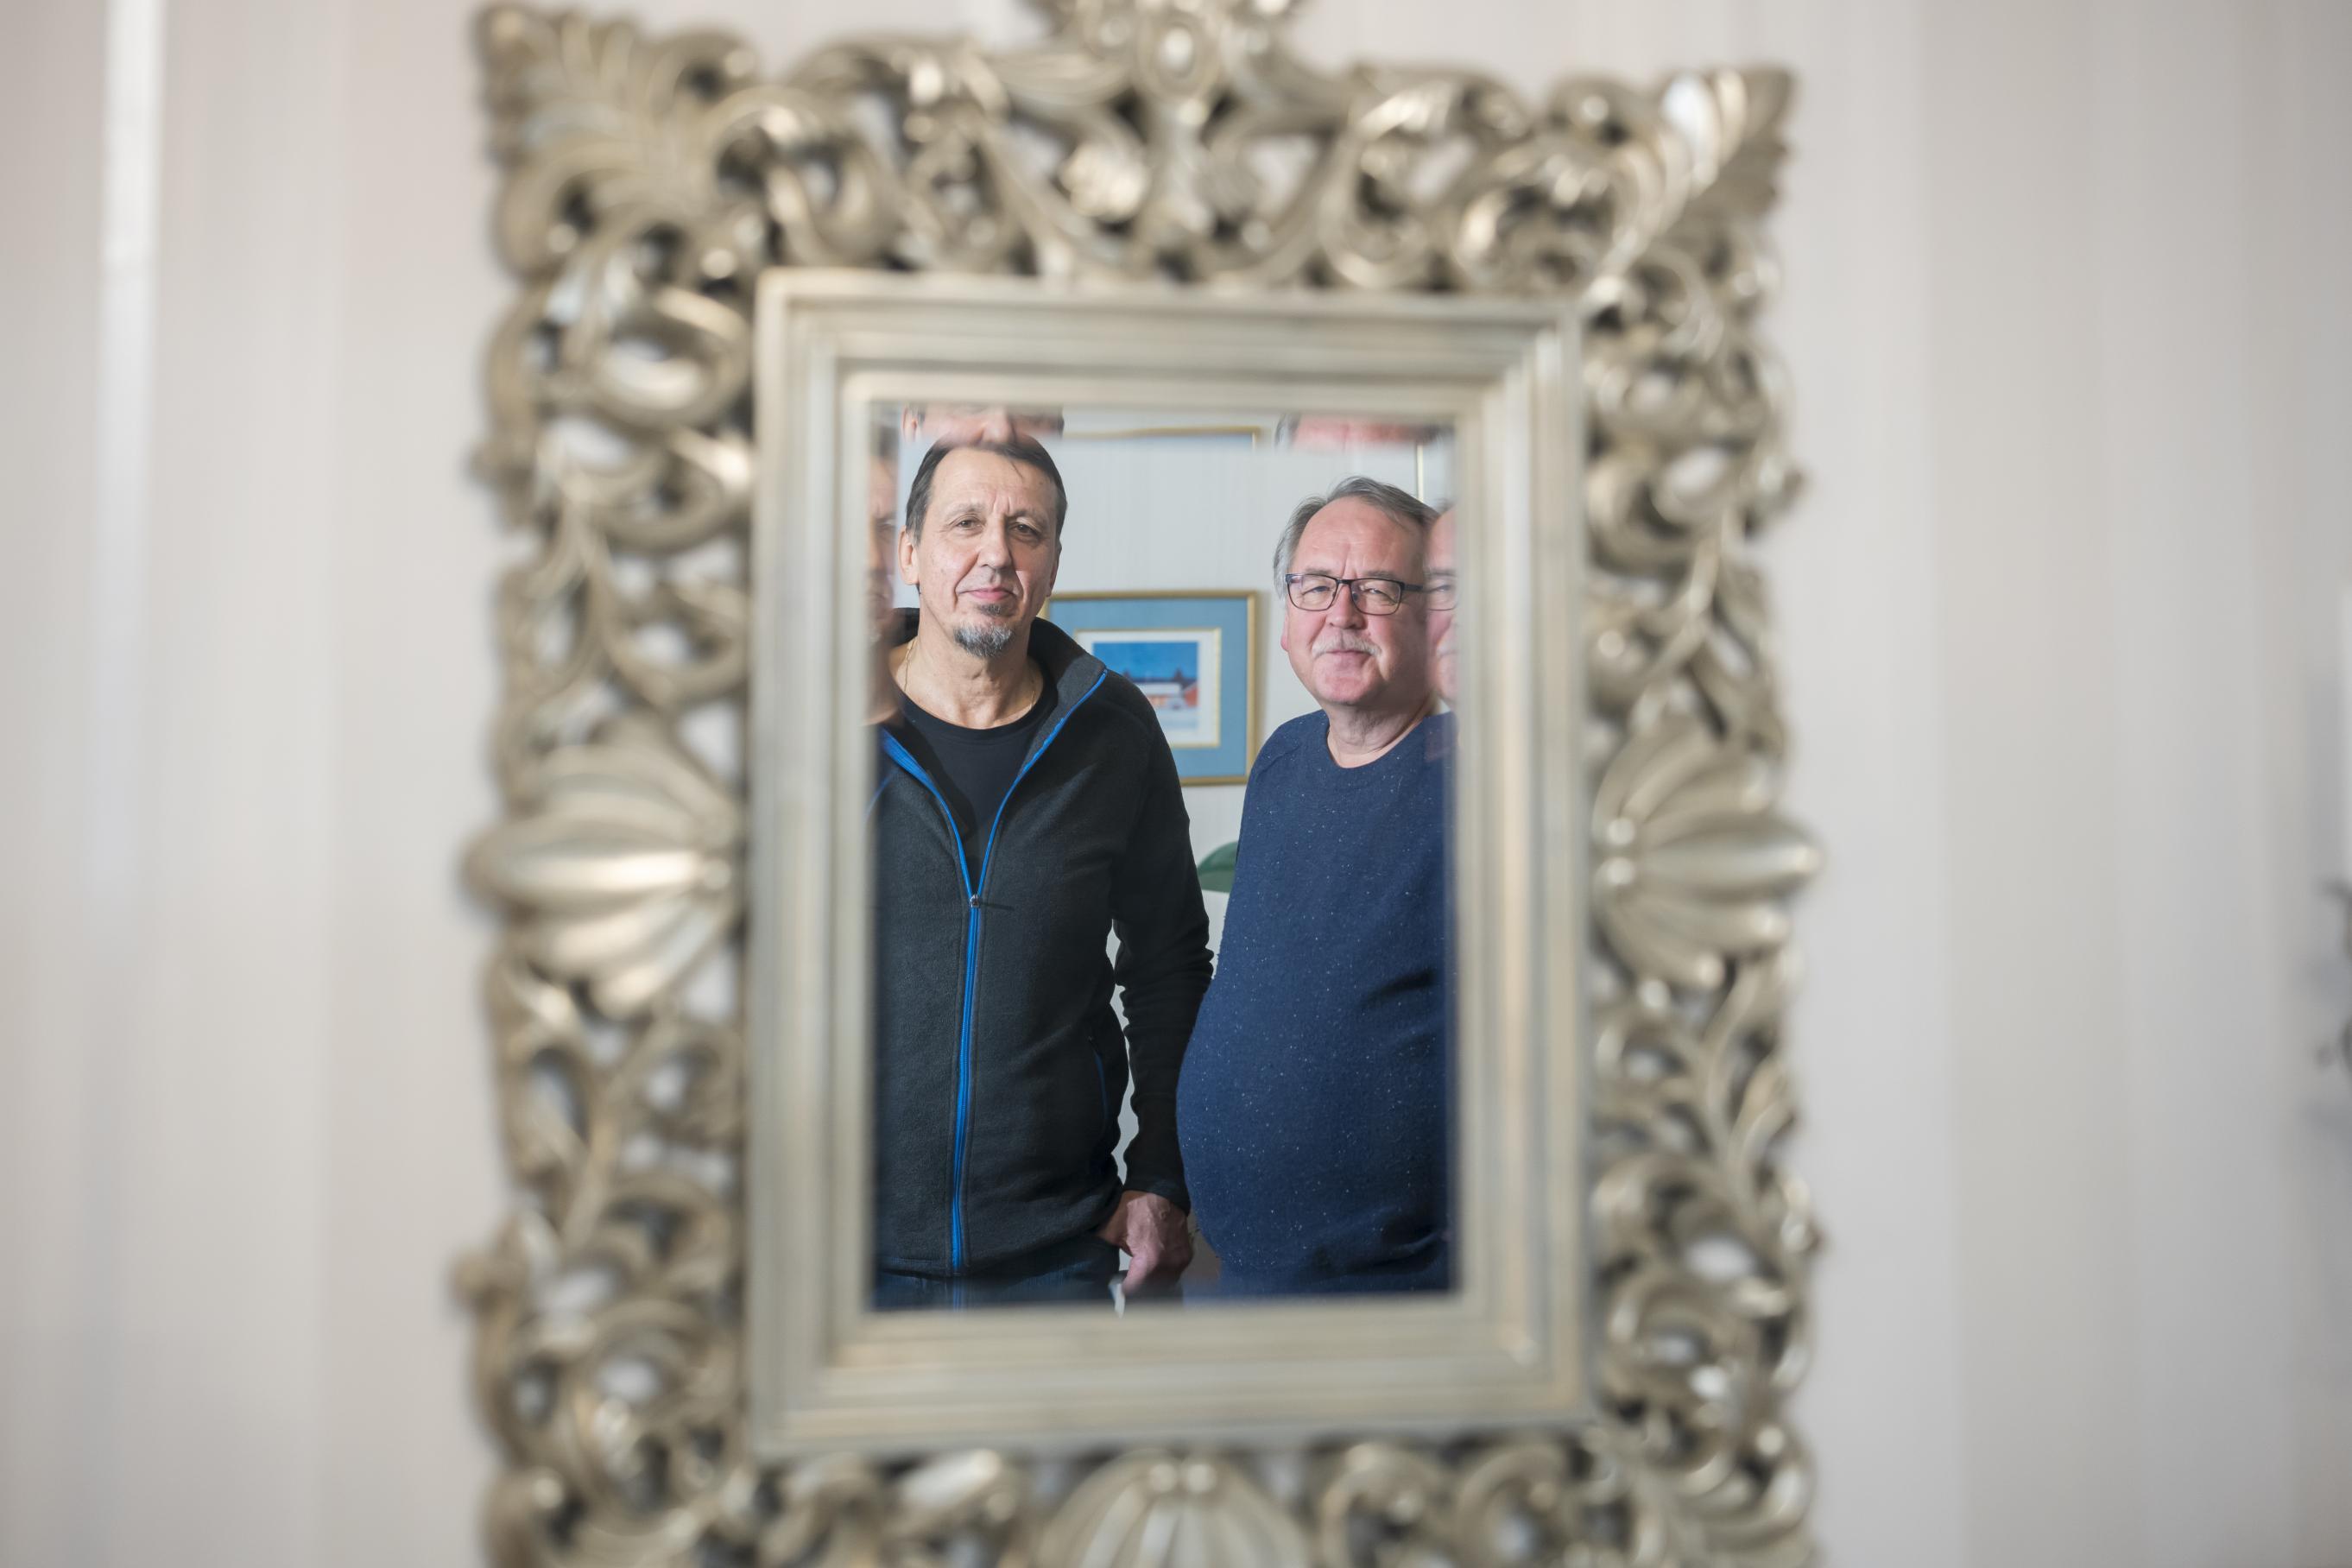 Harri Saarinen ja Veijo Rantanen ovat lapsuuden ystäviä, jotka ovat olleet myös työtovereita vuodesta 1974 lähtien.